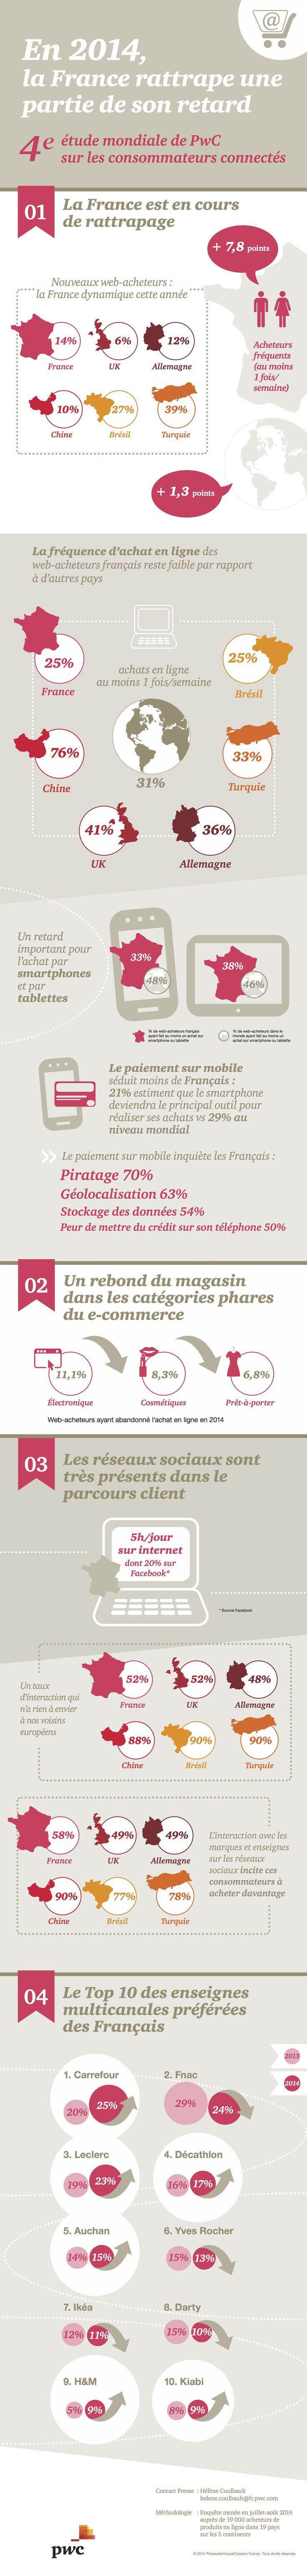 Infographie PwC sur les web-acheteurs (nov. 2014) : le taux de pénétration, la fréquence d'achat et les dépenses sont en hausse pour les distributeurs.